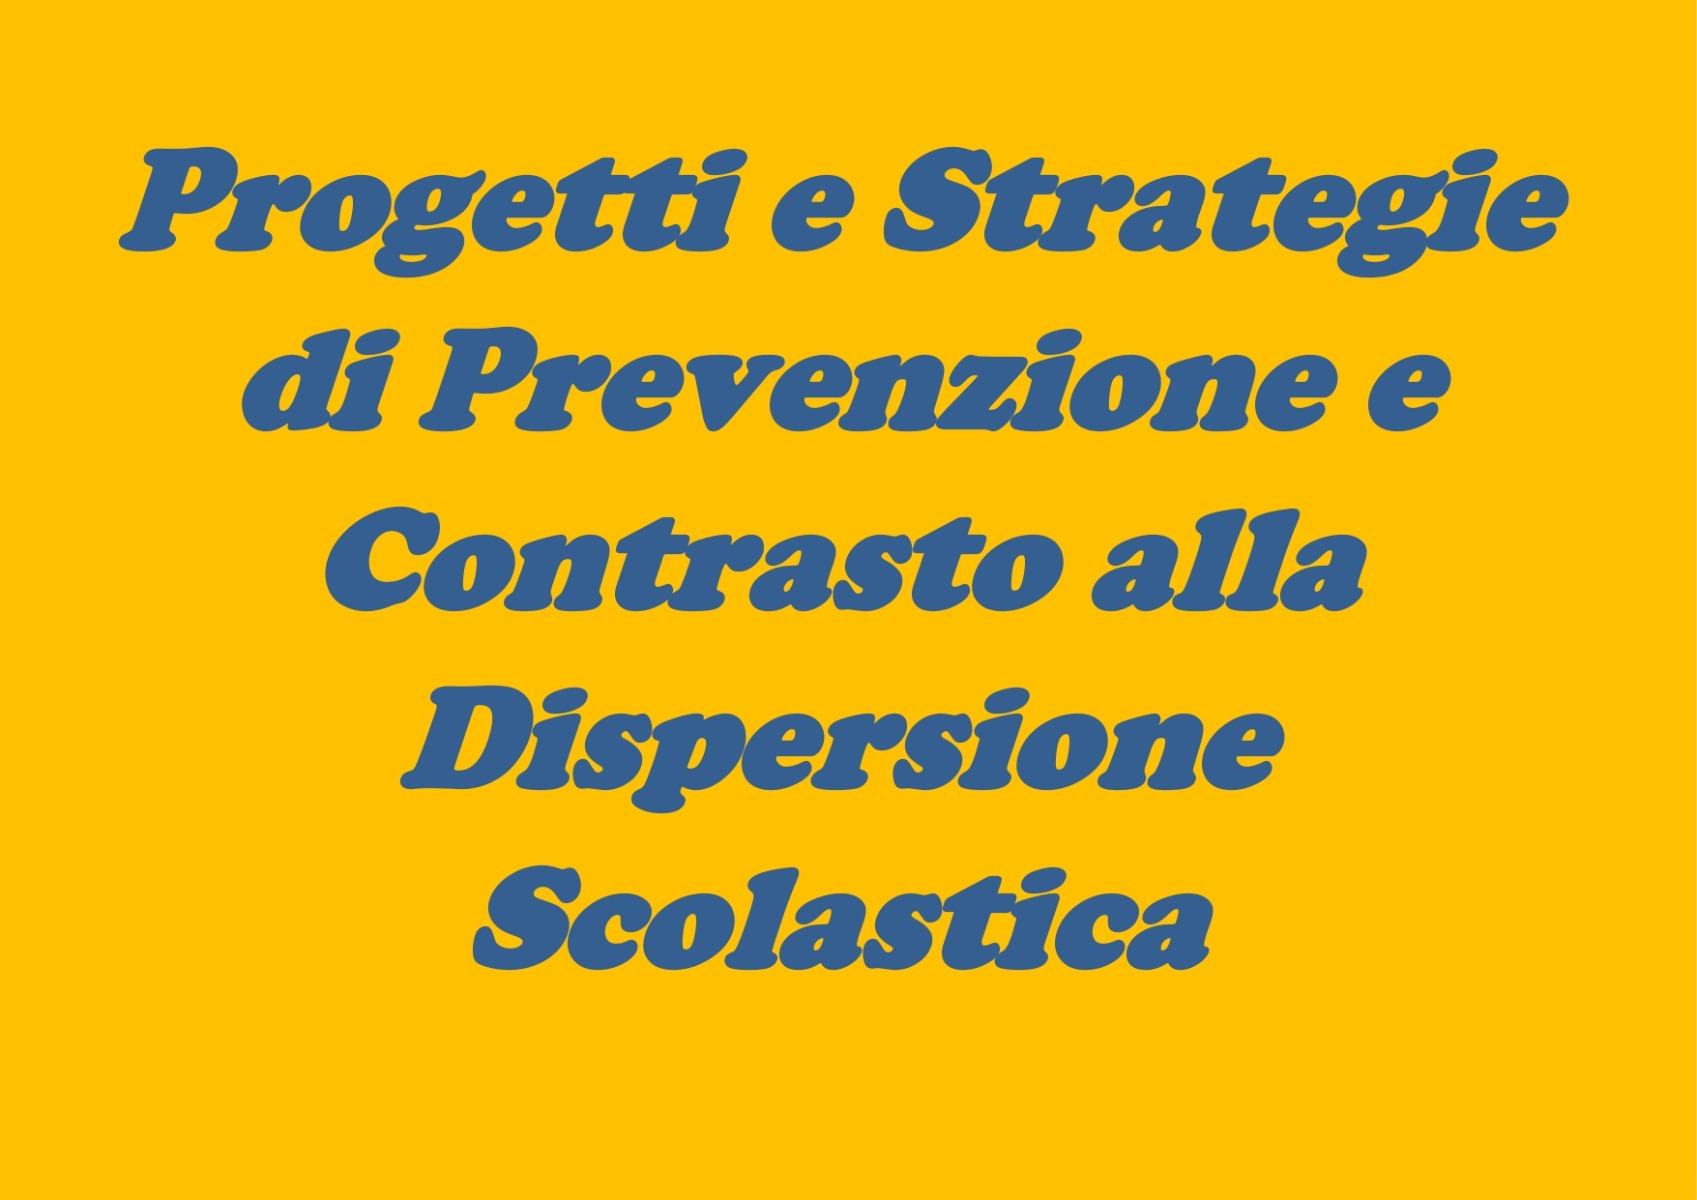 ProgettI e strategie di prevenzione e contrasto...